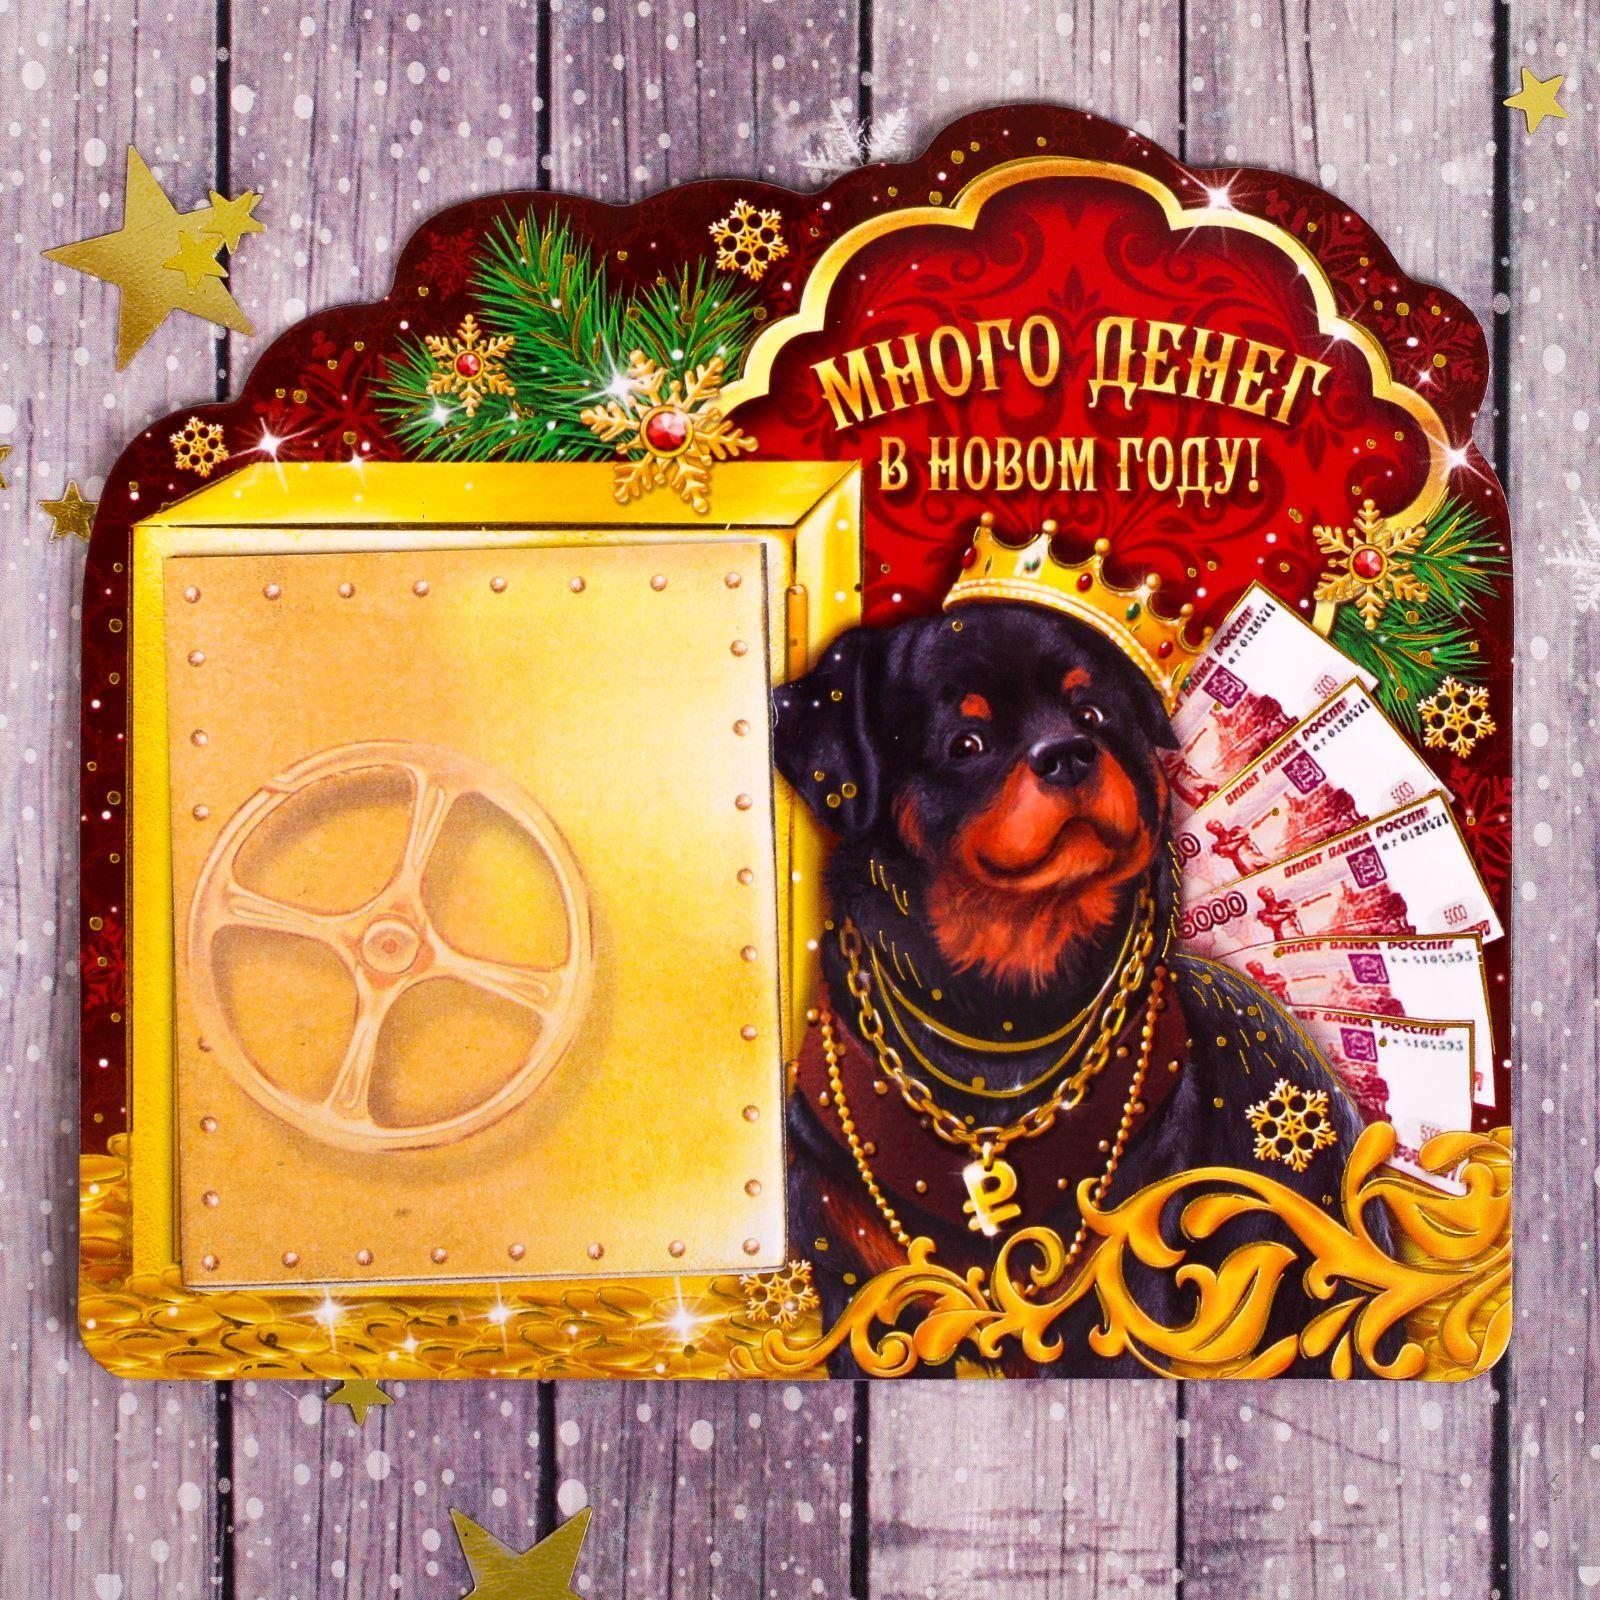 Магнит Sima-land Много денег в Новом году, с блоком для записей, 12 х 10,6 см2252418Порадуйте родных и близких оригинальным сувениром: преподнесите в подарок магнит. С ним даже самый серьезный человек почувствует себя ребенком, ожидающим чудо! Прикрепите его к любой металлической поверхности, и он удержит на виду важные записки, любовные послания или просто список продуктов.Создайте праздничное настроение, и оно останется с вами на весь год.